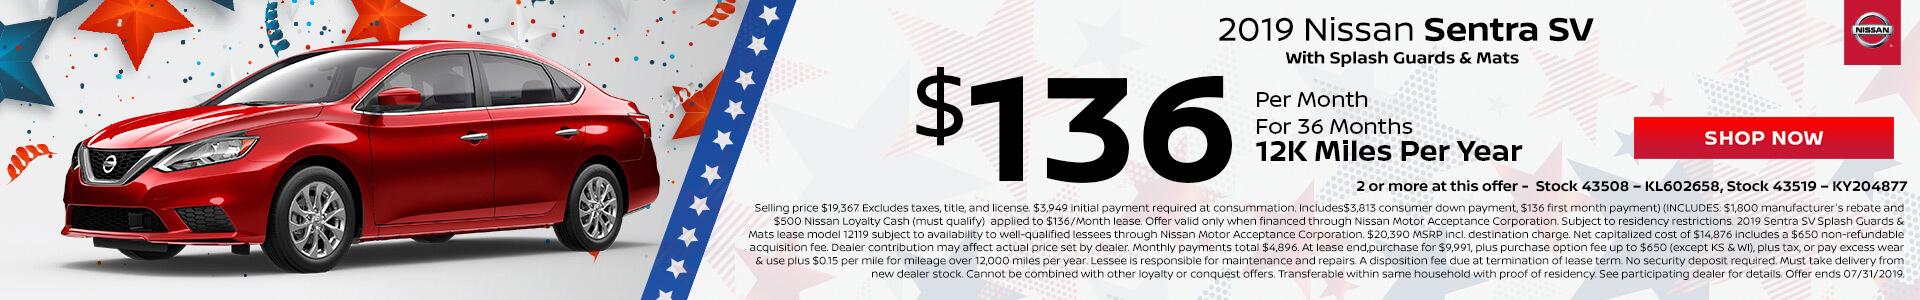 Nissan Sentra SV $136 Lease